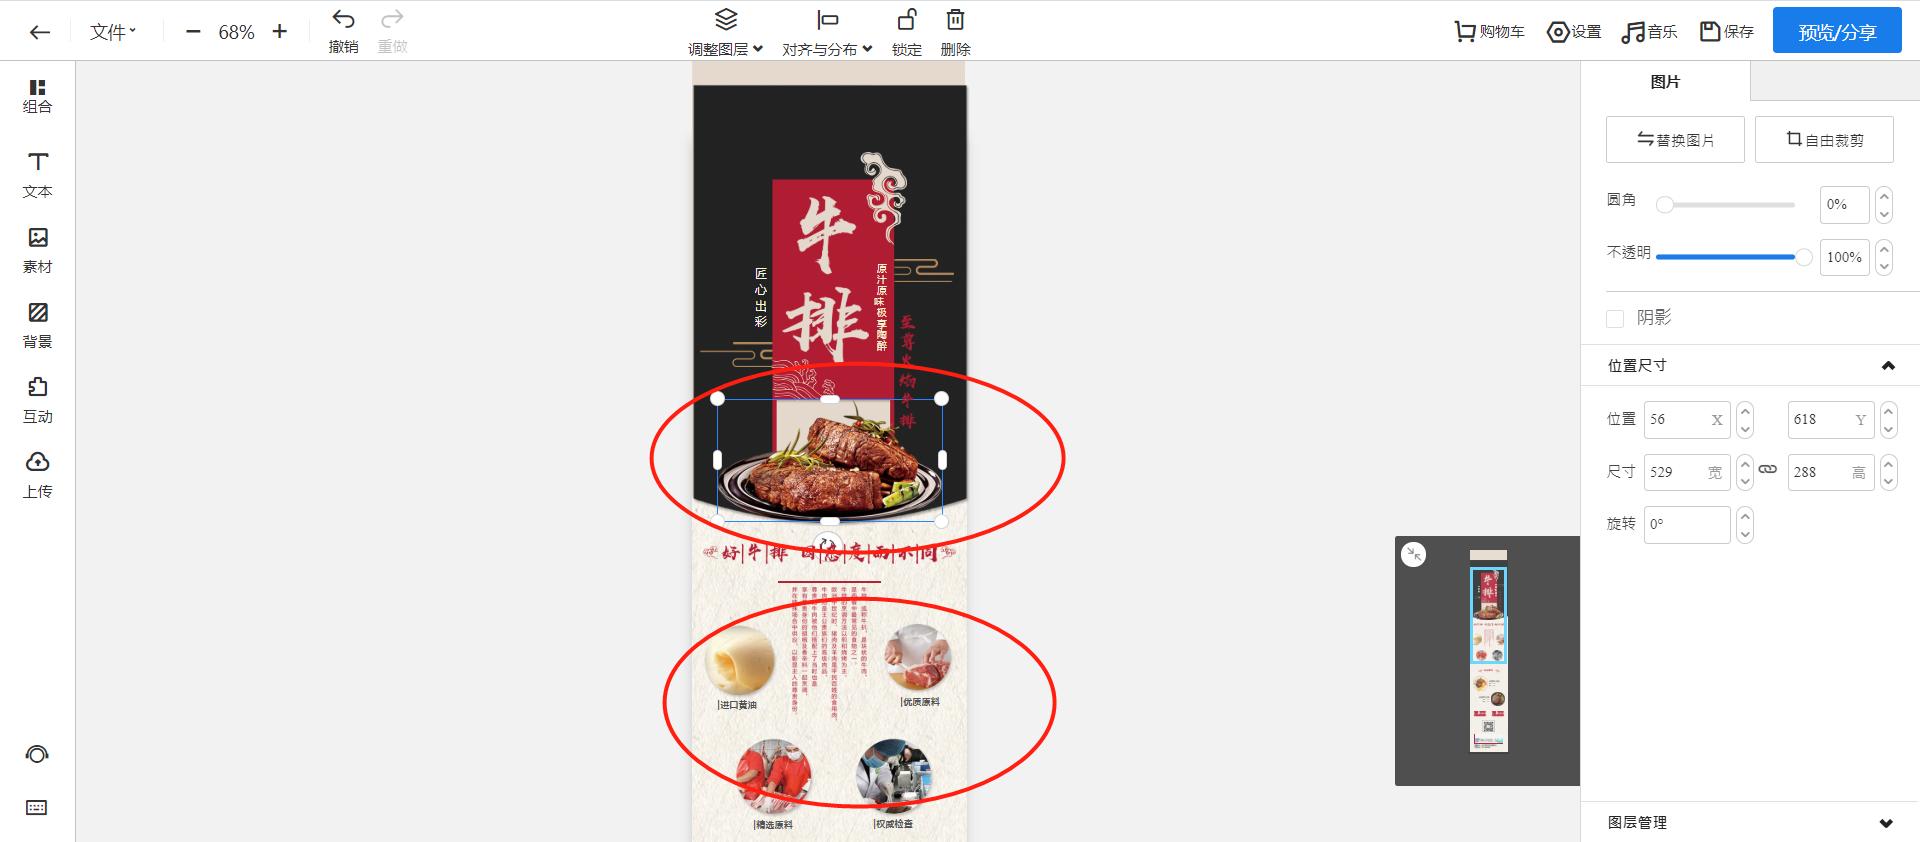 餐饮X展架设计方法 实用工具方便又快捷